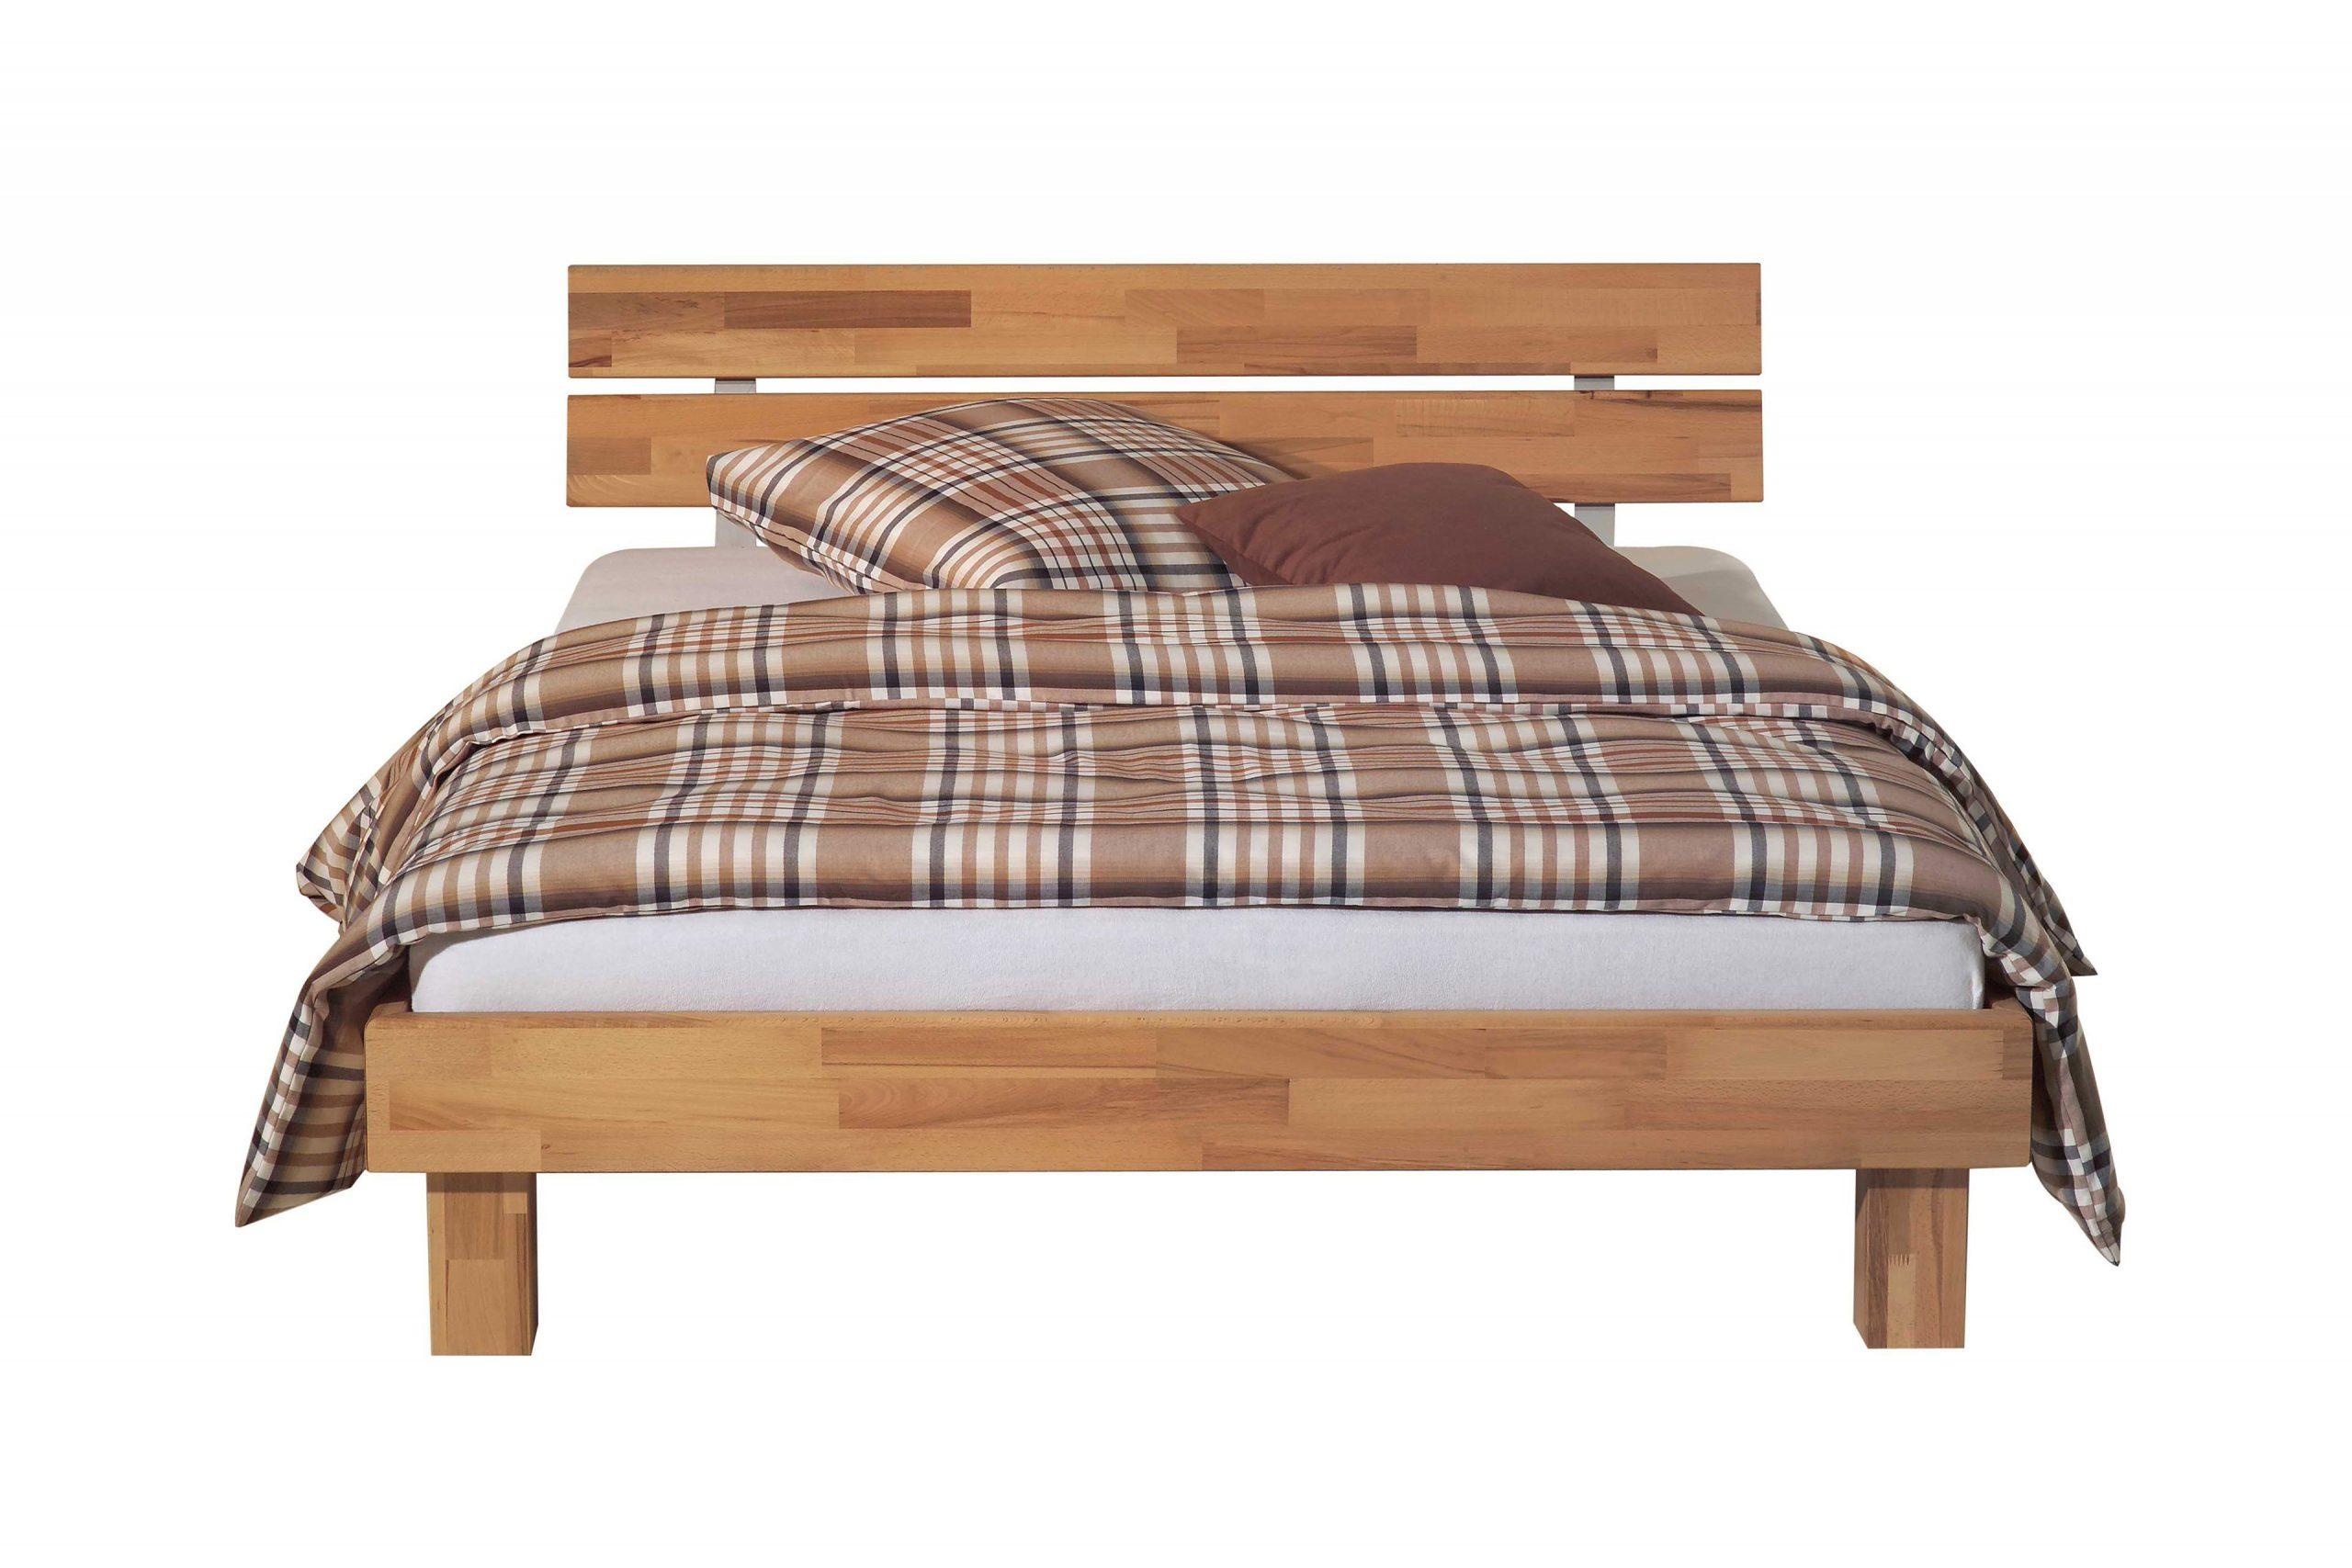 Full Size of Betten Aus Holz Bett Varese Von Modular Primolar Kernbuche Mbel Letz Ihr 140x200 Weiß Ausgefallene Landhausstil 120x200 Designer Wohnzimmer Massivholz Bett Betten Aus Holz